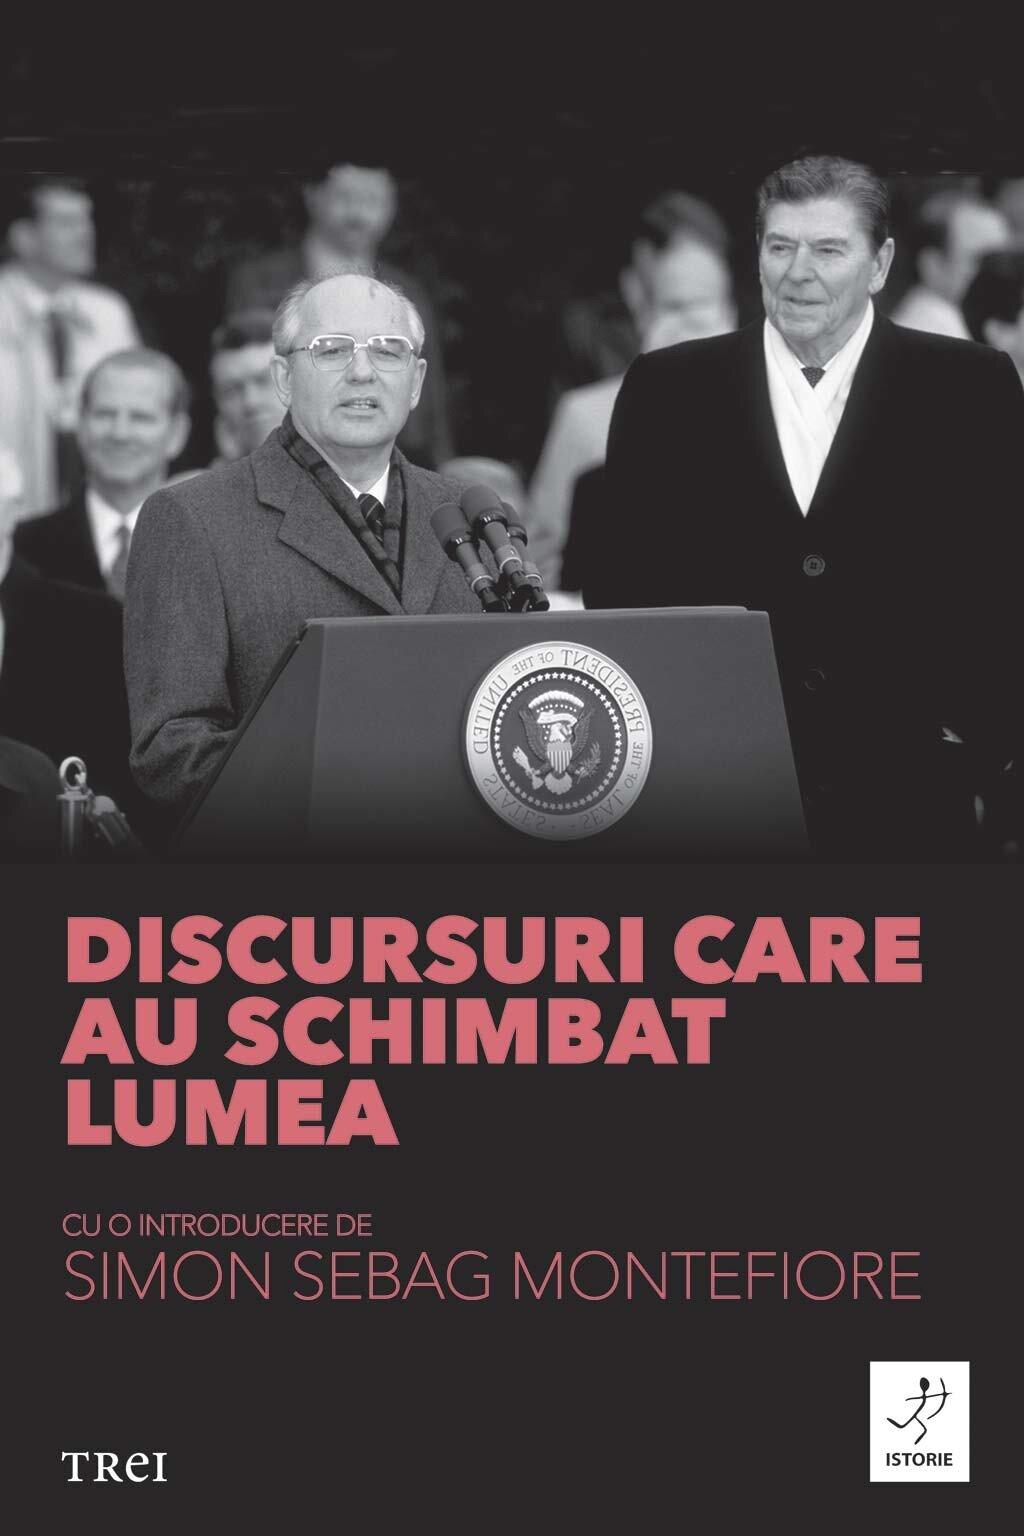 Discursuri care au schimbat lumea (eBook)